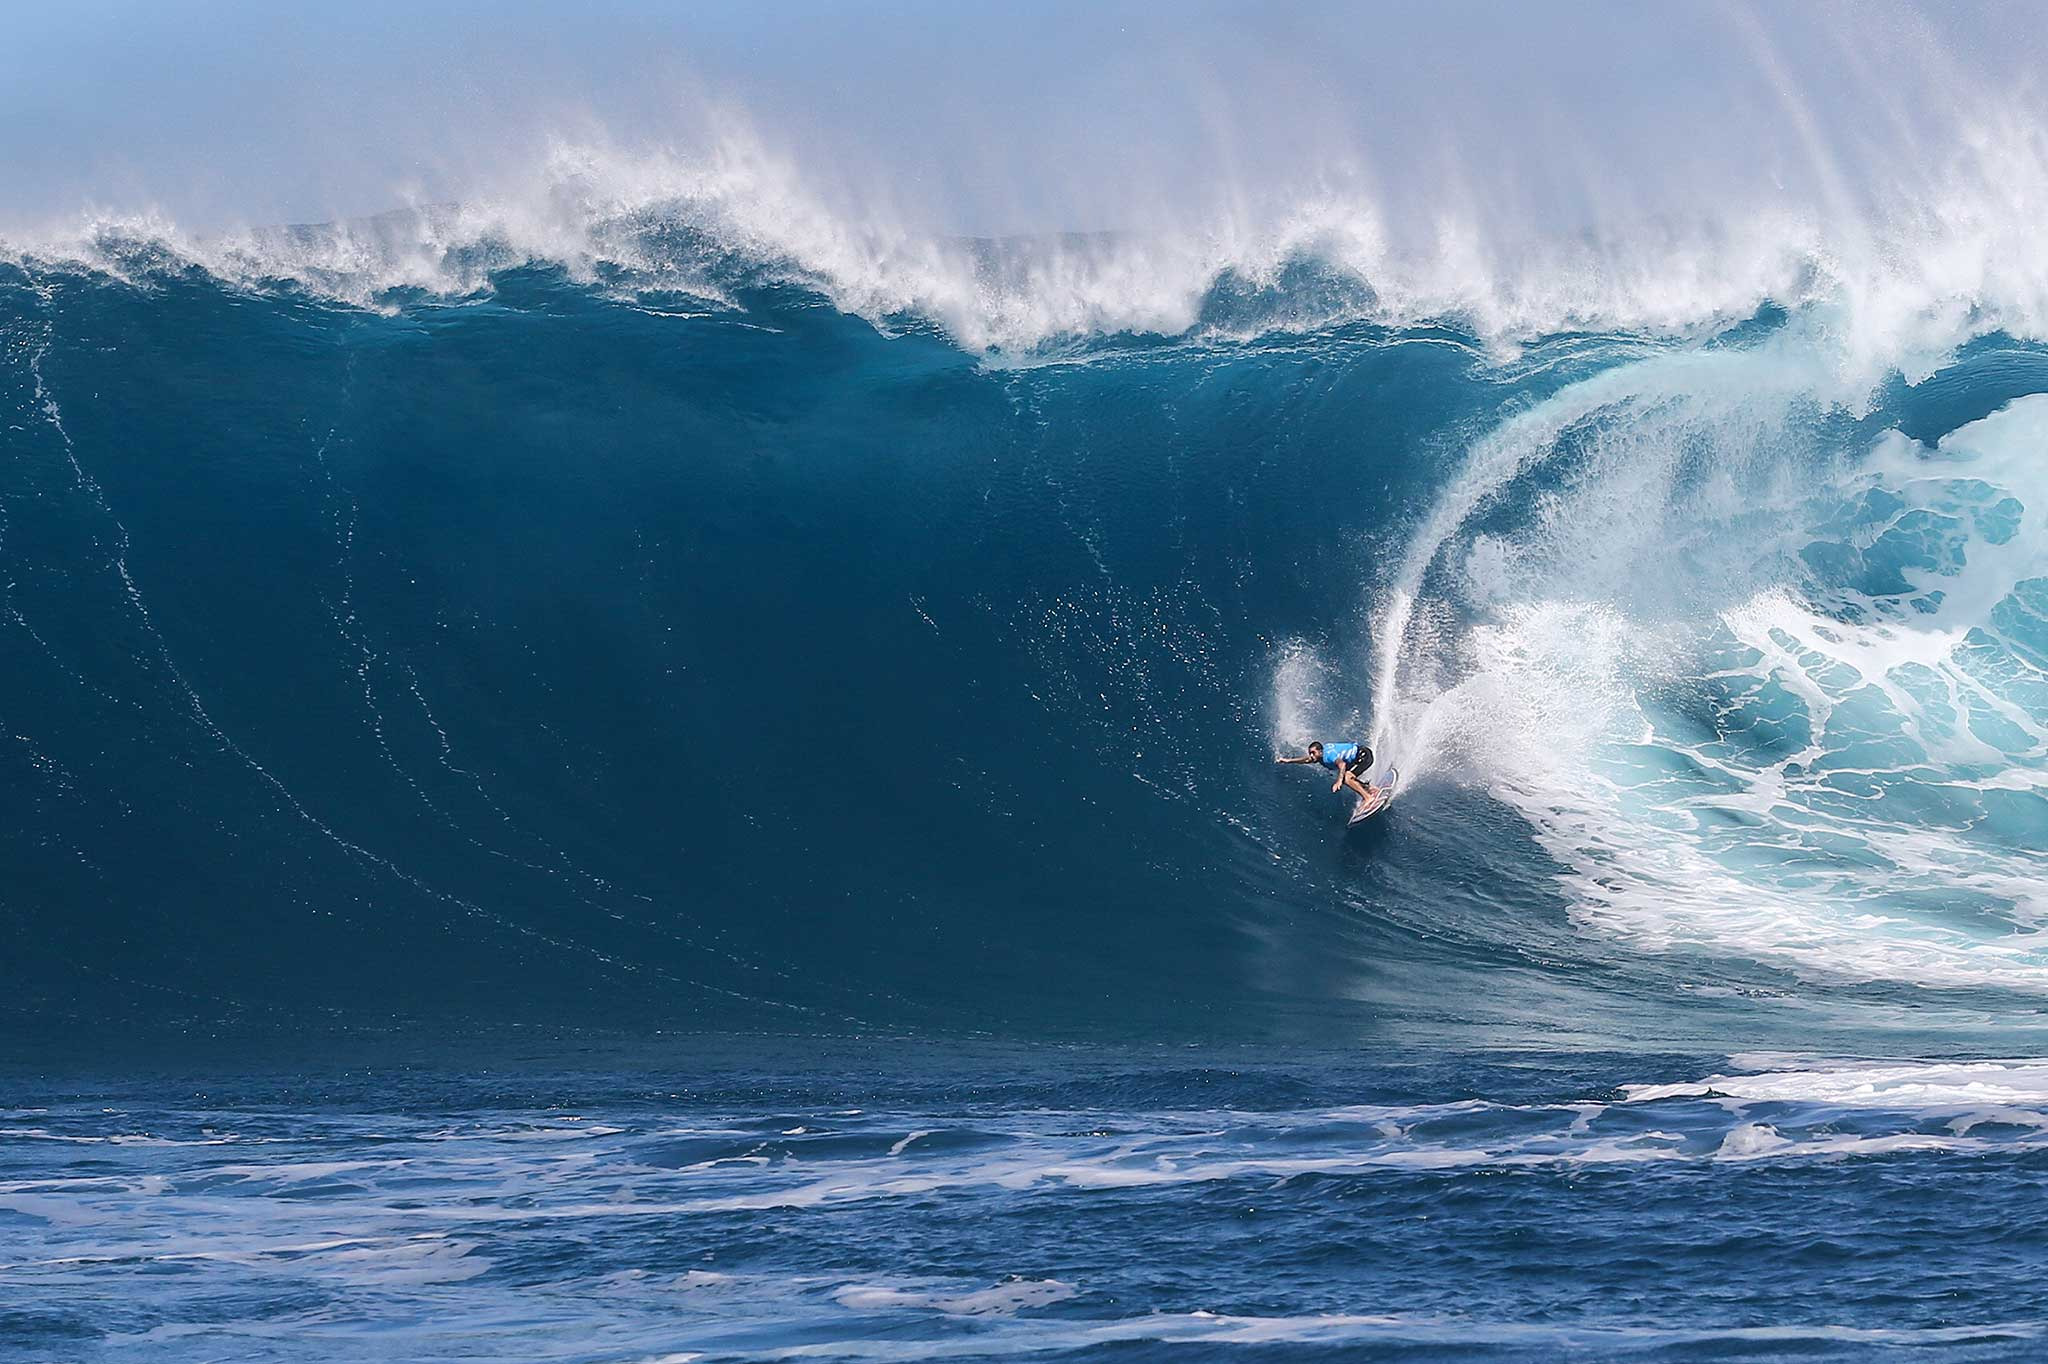 Billy Kemper beim Versuchen des Unmöglichen! Credit: WSL / Hallman